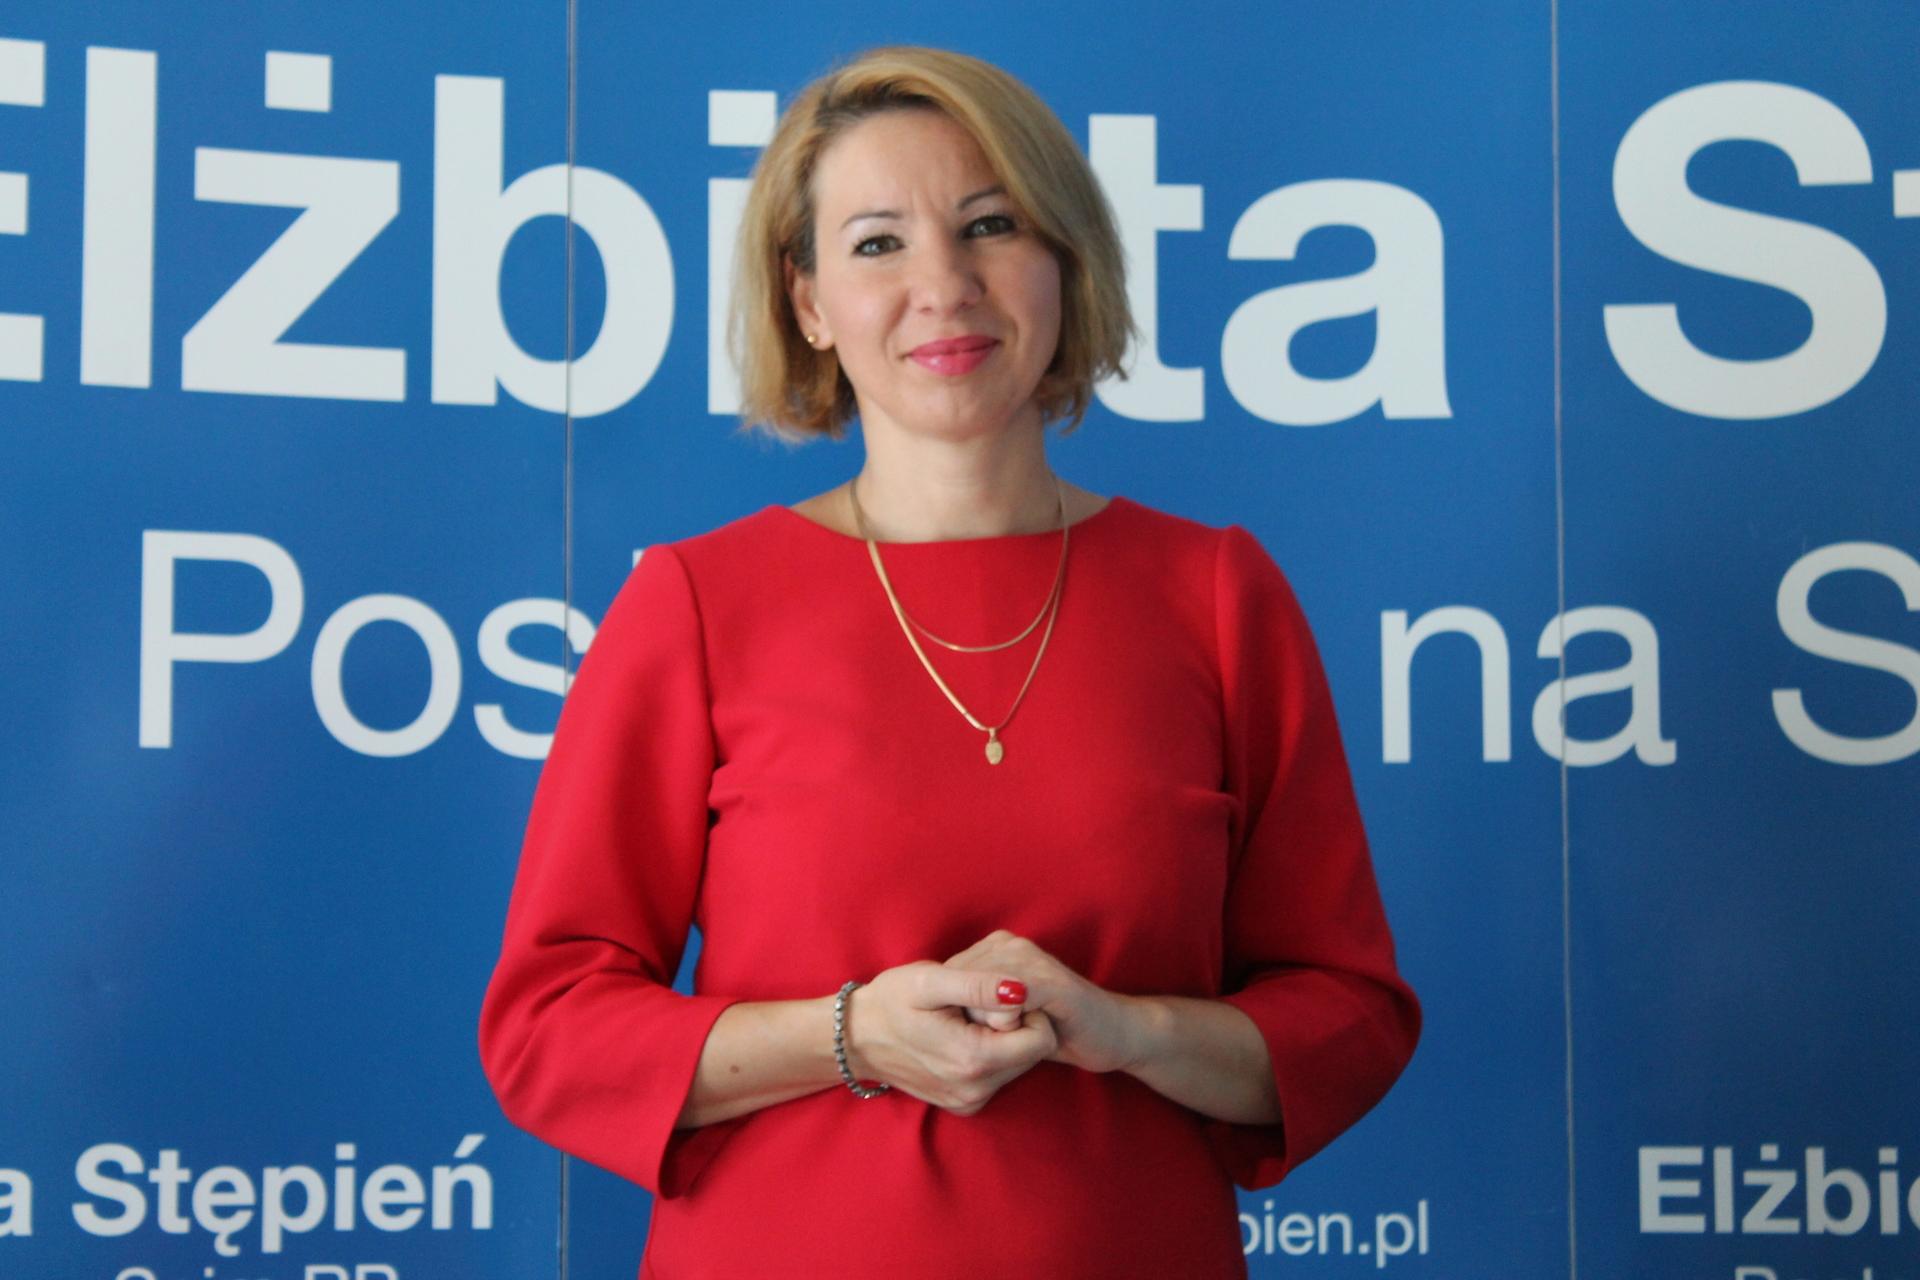 Posłanka Stępień na liście kandydatów do europarlamentu